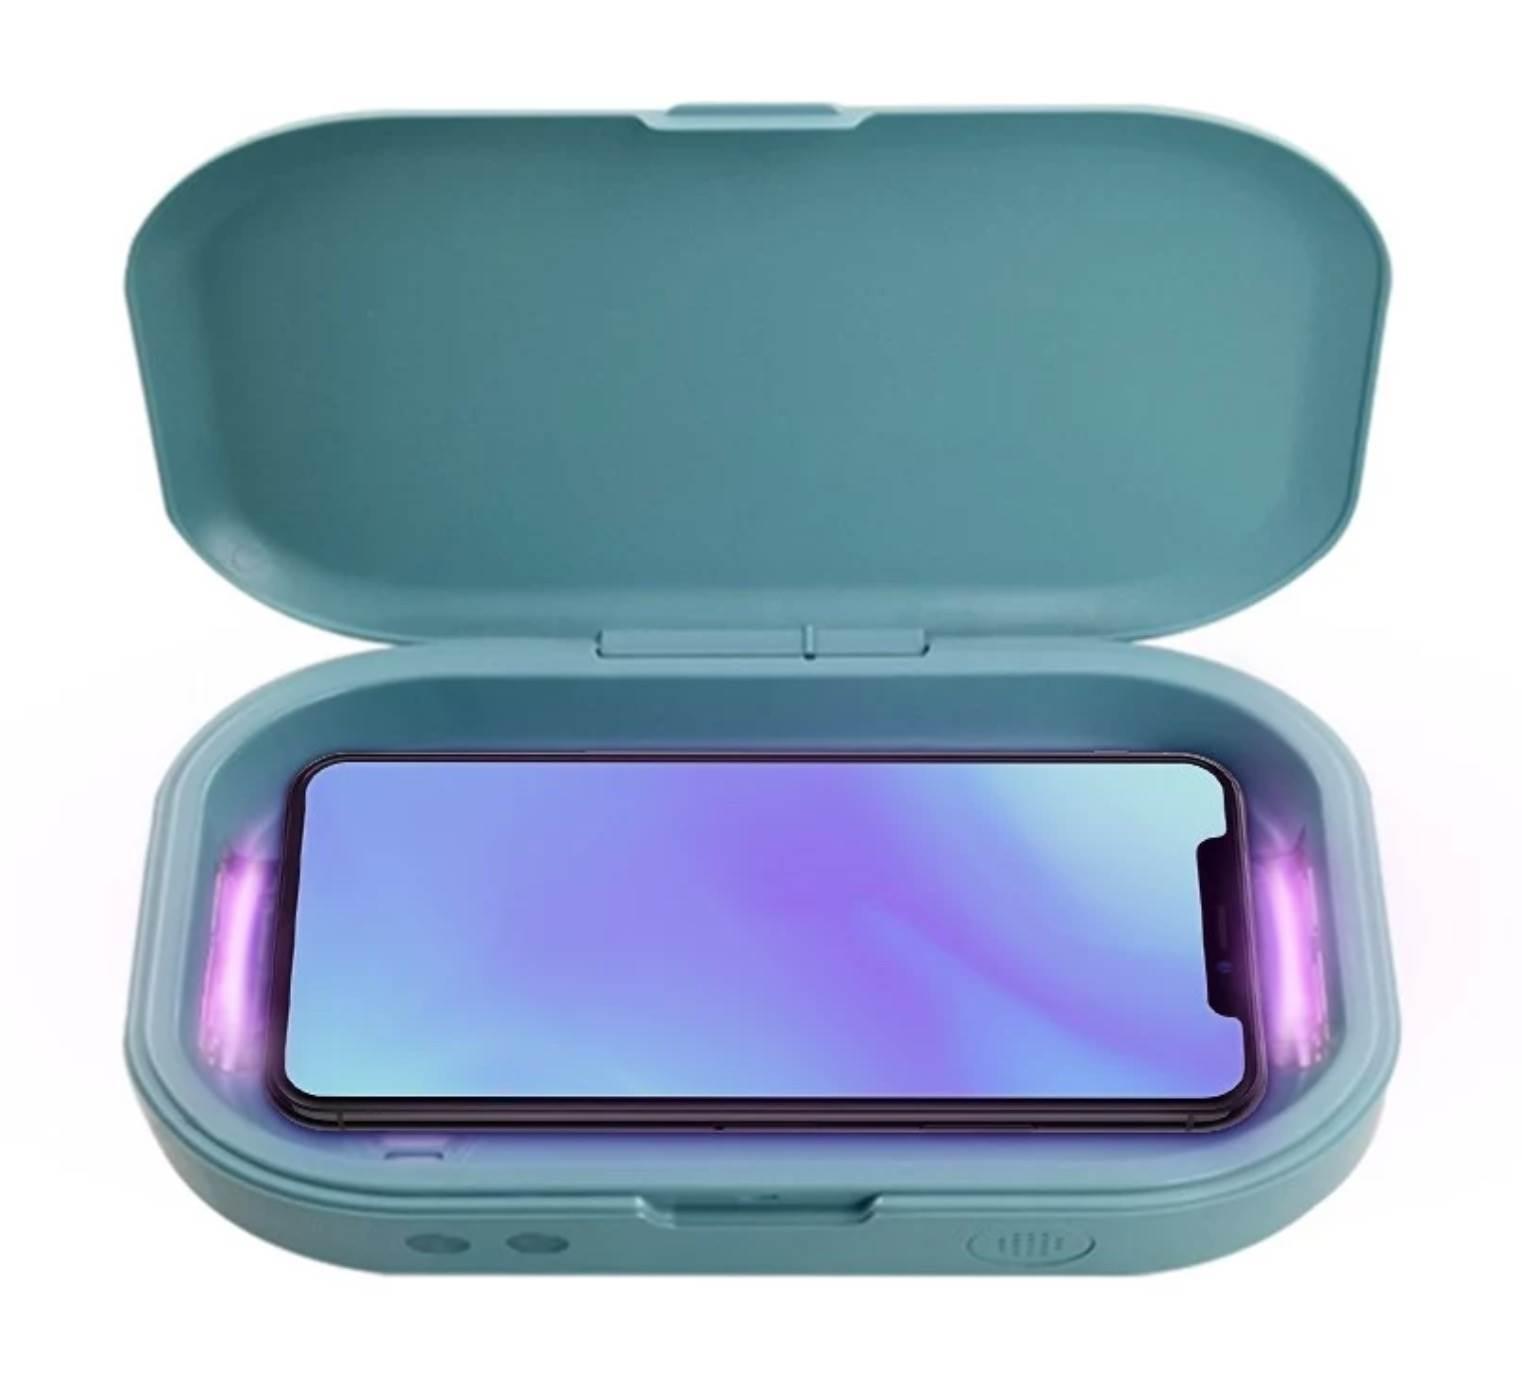 Mały, podręczny sterylizator dla iPhone lub maseczki ochronnej ciekawostki sterylizator, sterylizacja telefonu, sterylizacja maseczki ochronnej, Promocja, podręczny sterylizator, mały sterylizator, jak zdezynfekować telefon  W obecnym czasie ważna jest dezynfekcja nie tylko rąk, ale także bardzo ważna jest sterylizacja naszych telefonów, czy maseczek. Dlatego dziś mam dla Was ciekawy gadżet. CleanShot 2020 05 05 at 09.31.21@2x